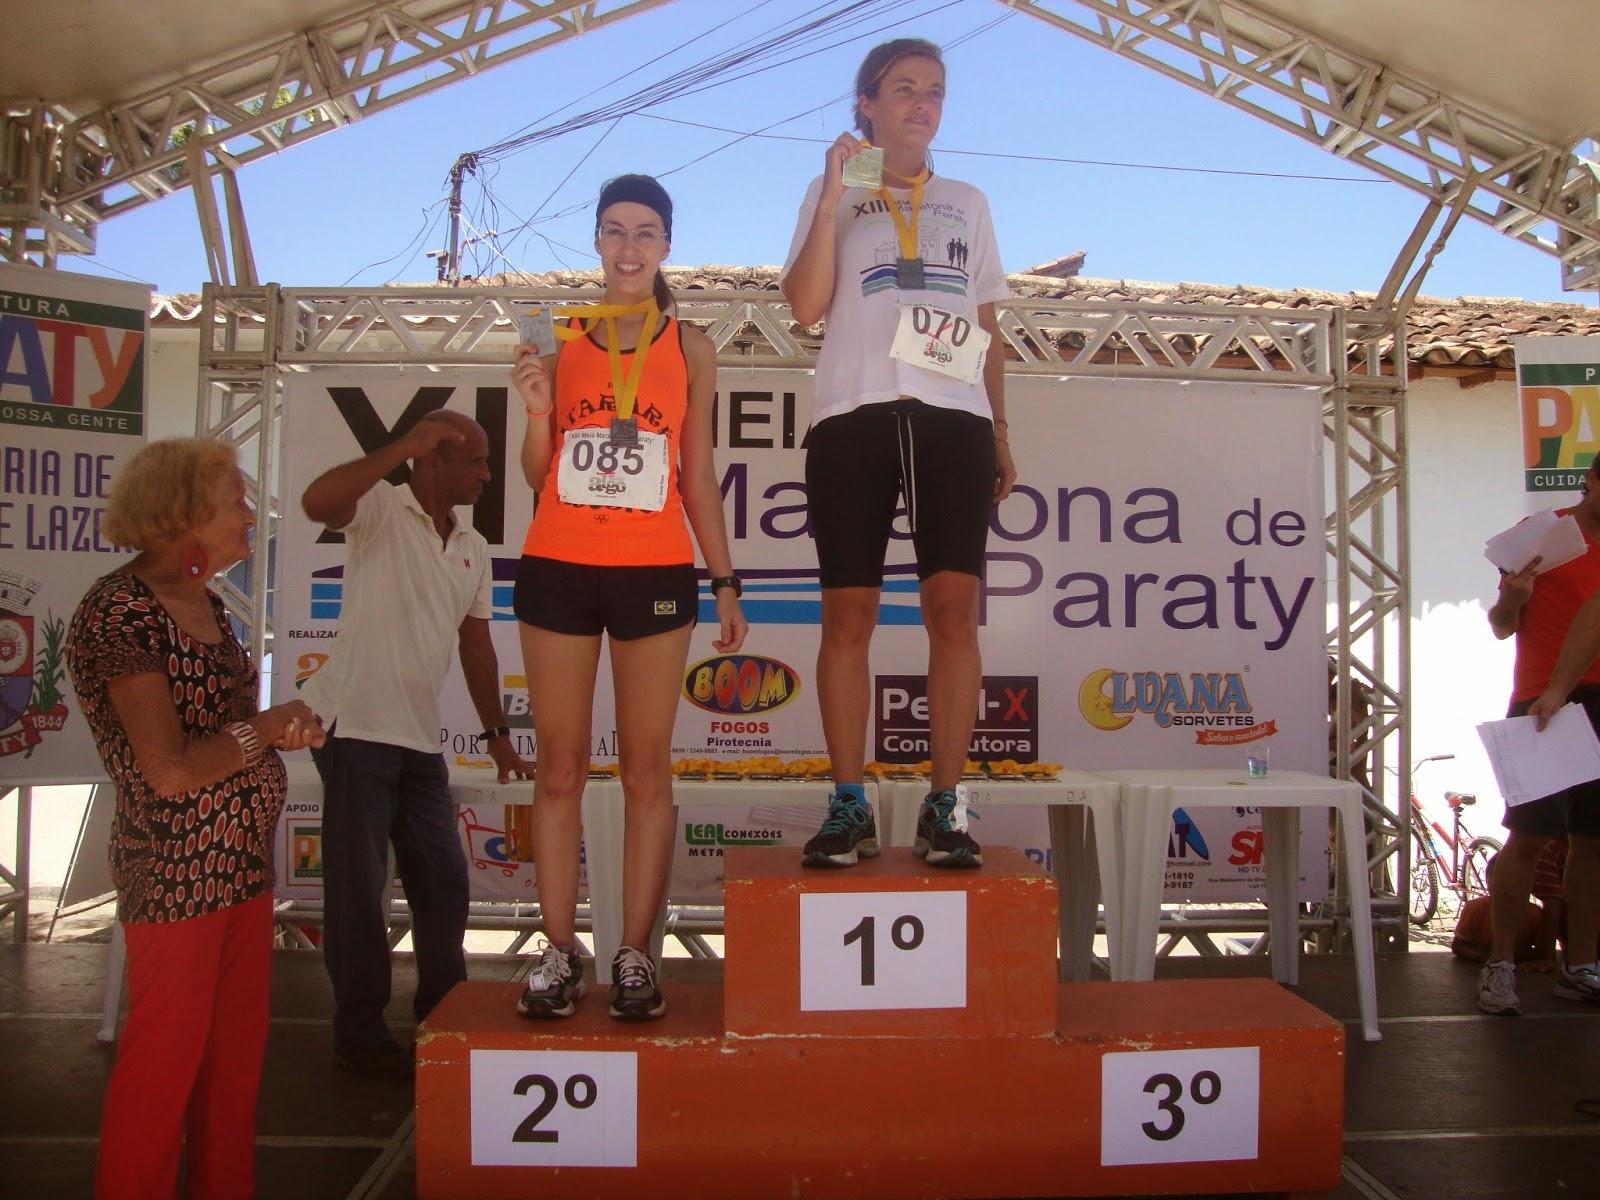 Gabriela Martins Gorski - 2º lugar F1824